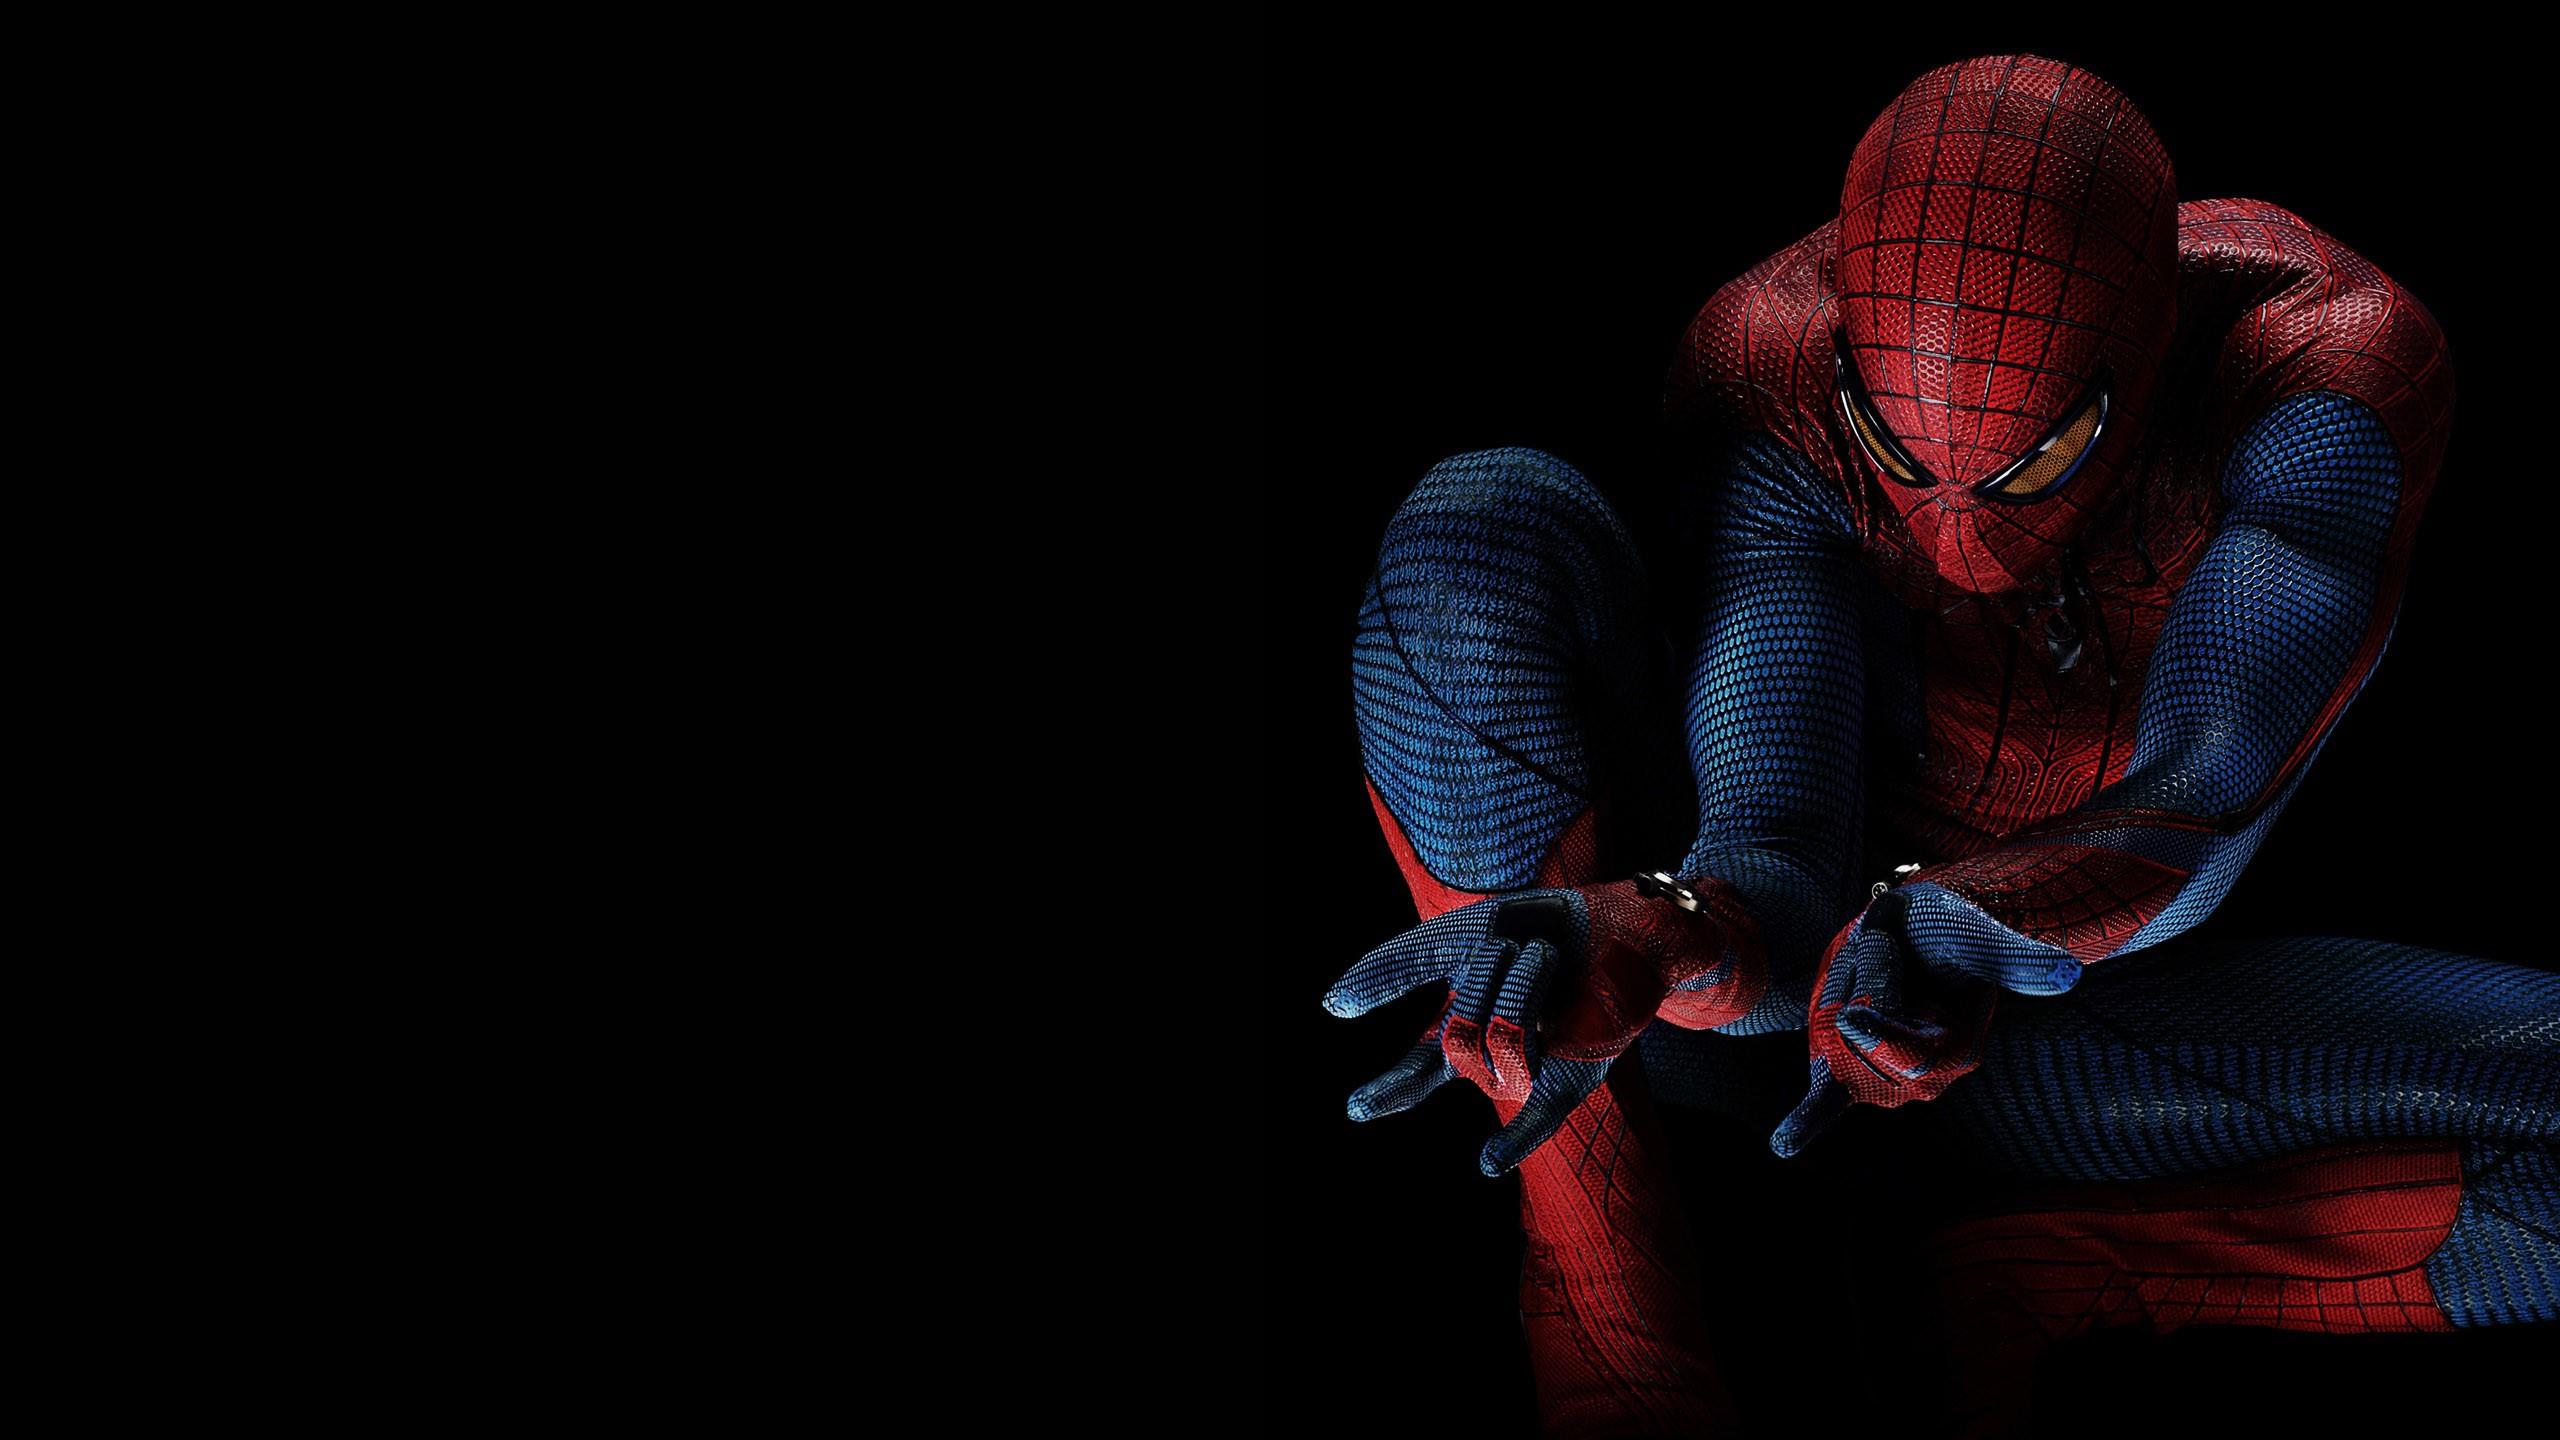 Amazing Spider Man Wallpaper